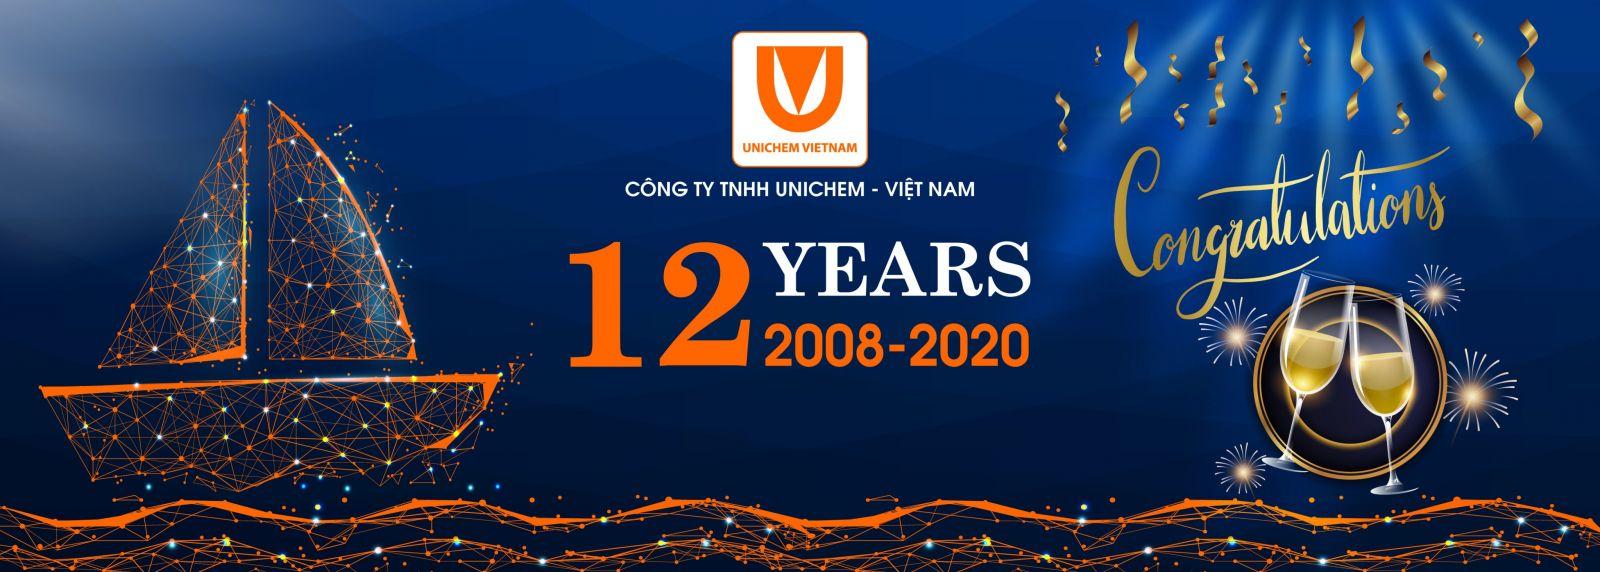 Unichem Việt Nam - 12 năm Không ngừng nỗ lực, Vững bước đi lên